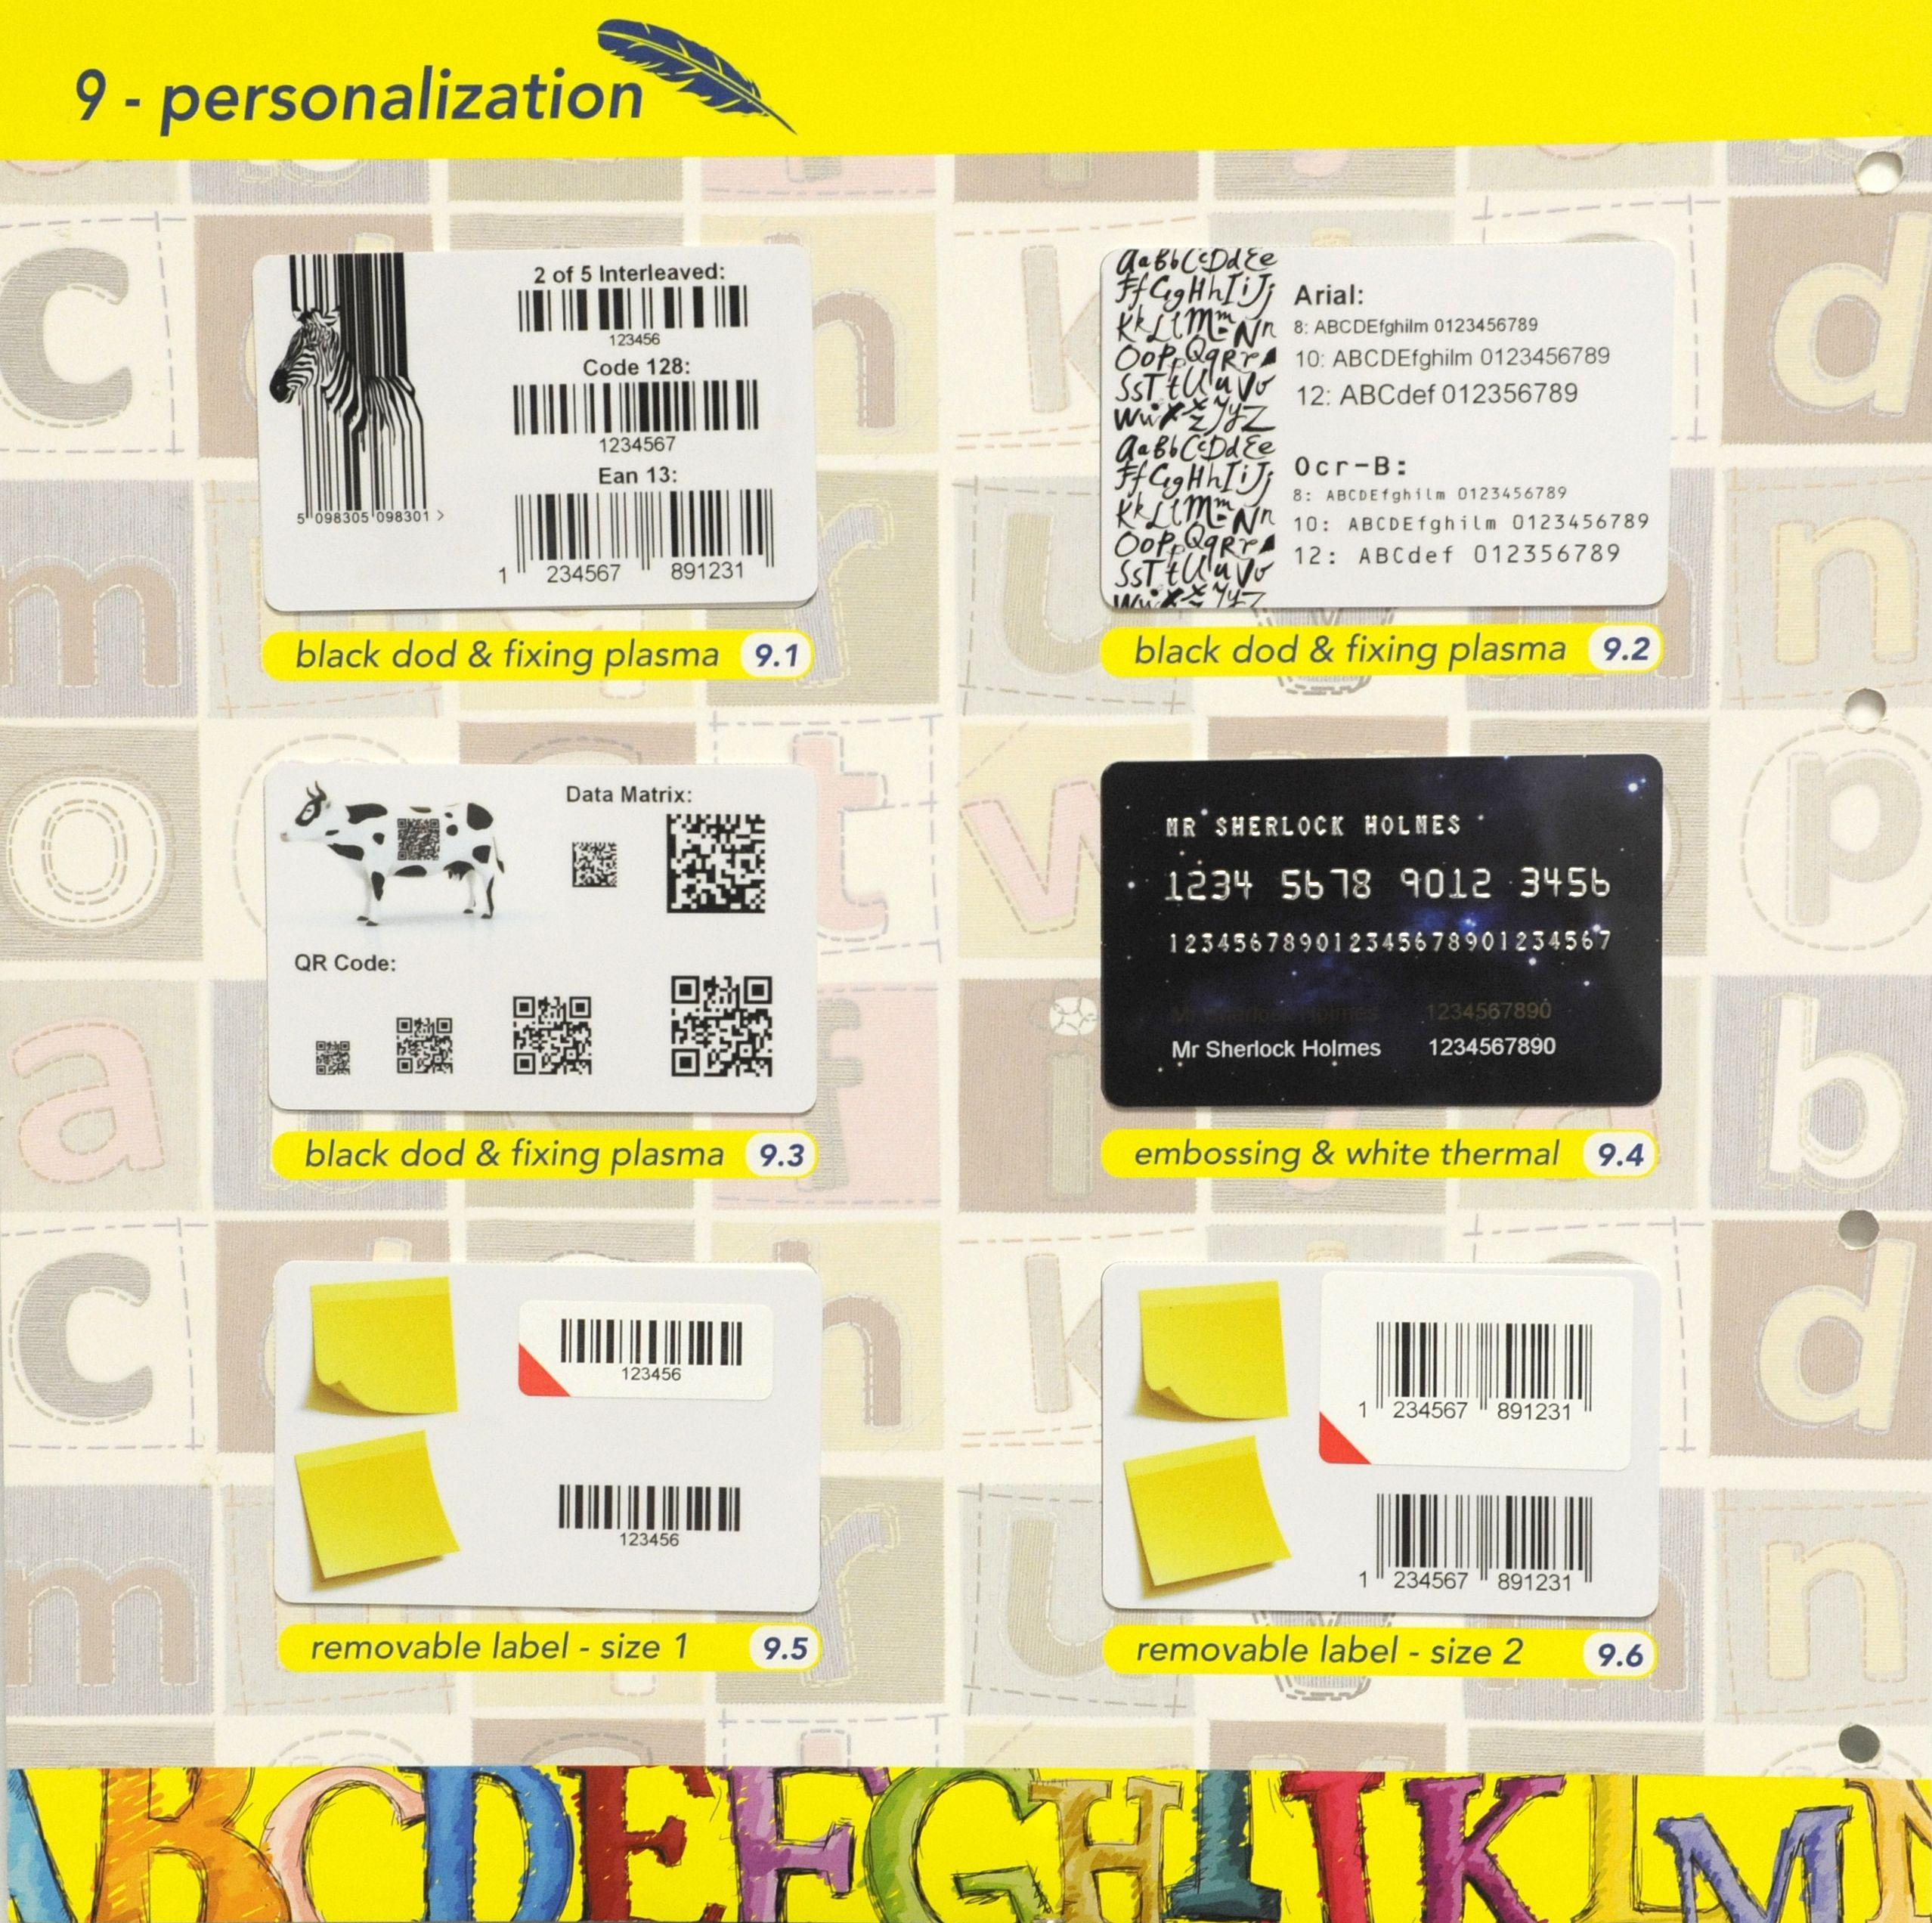 Todo para la imagen corporativa de tu empresa: sobres, folios, etiquetas adhesivas, tarjetas plásticas...